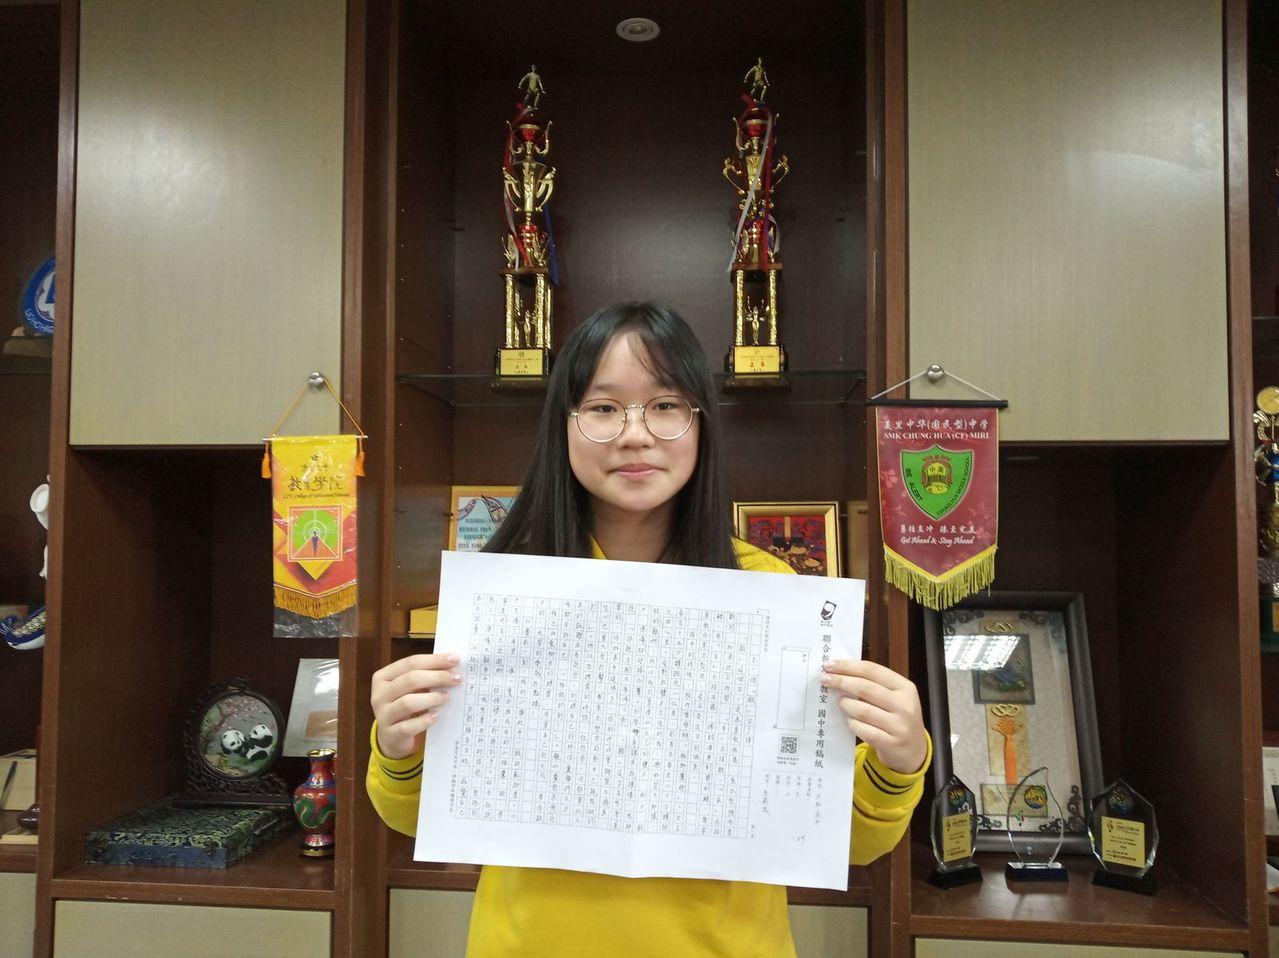 六和中學國中部302班吳莉芸與得獎文章合影。圖╱聯合報系教育事業部提供